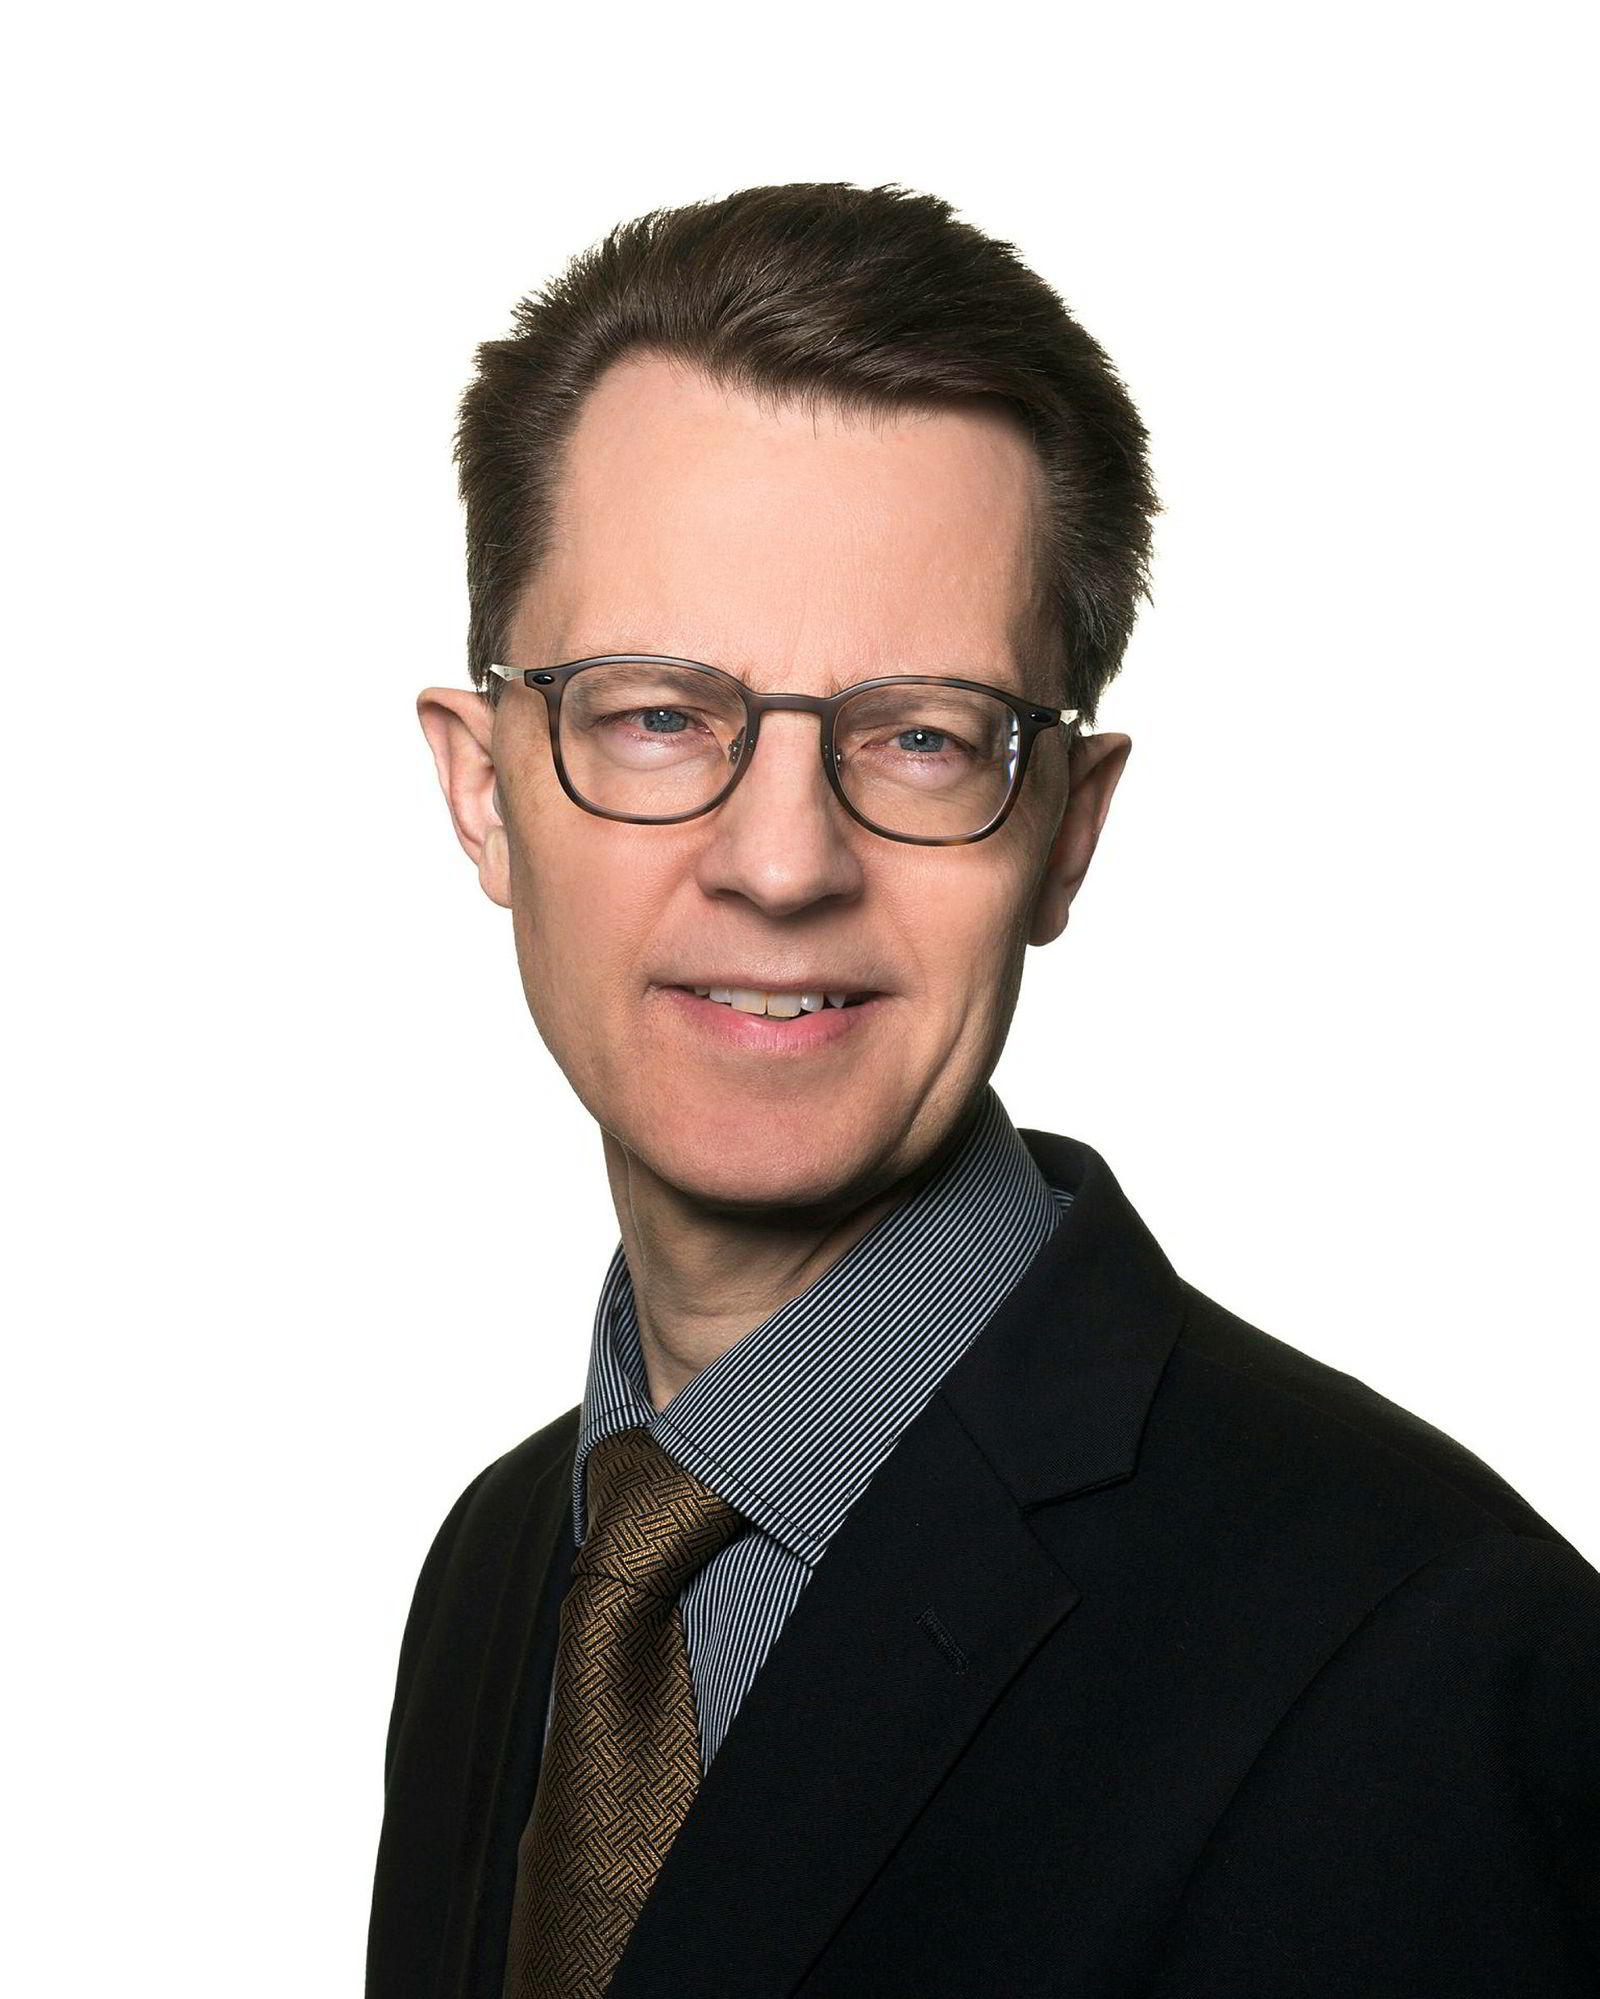 Nettnøytralitet Frode Sørensen. Seniorrådgiver i Nasjonal Kommunikasjonsmyndighet, Frode Sørensen, sier det kan få store konsekvenser om nettnøytraliteten ikke beskyttes.